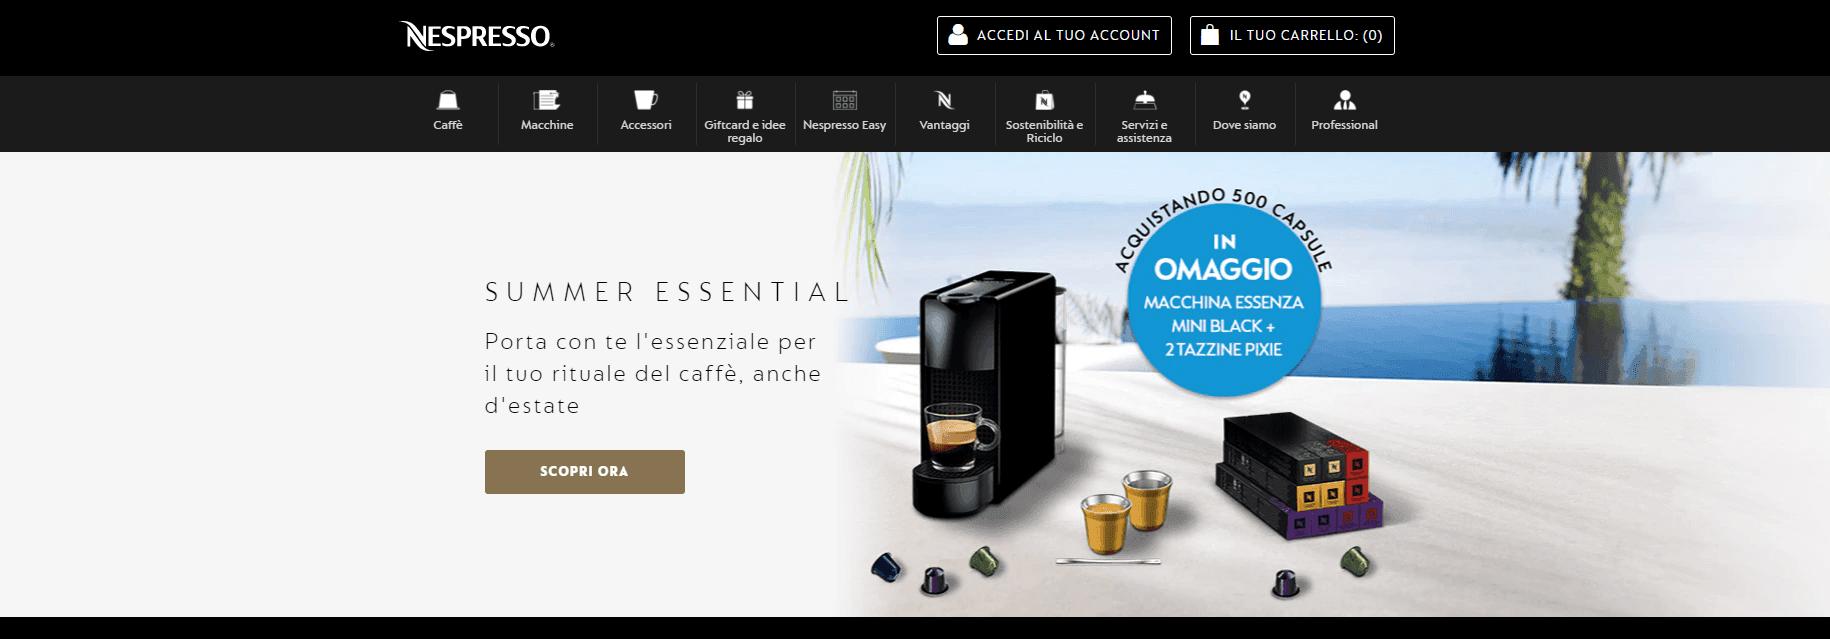 Nespresso - 2